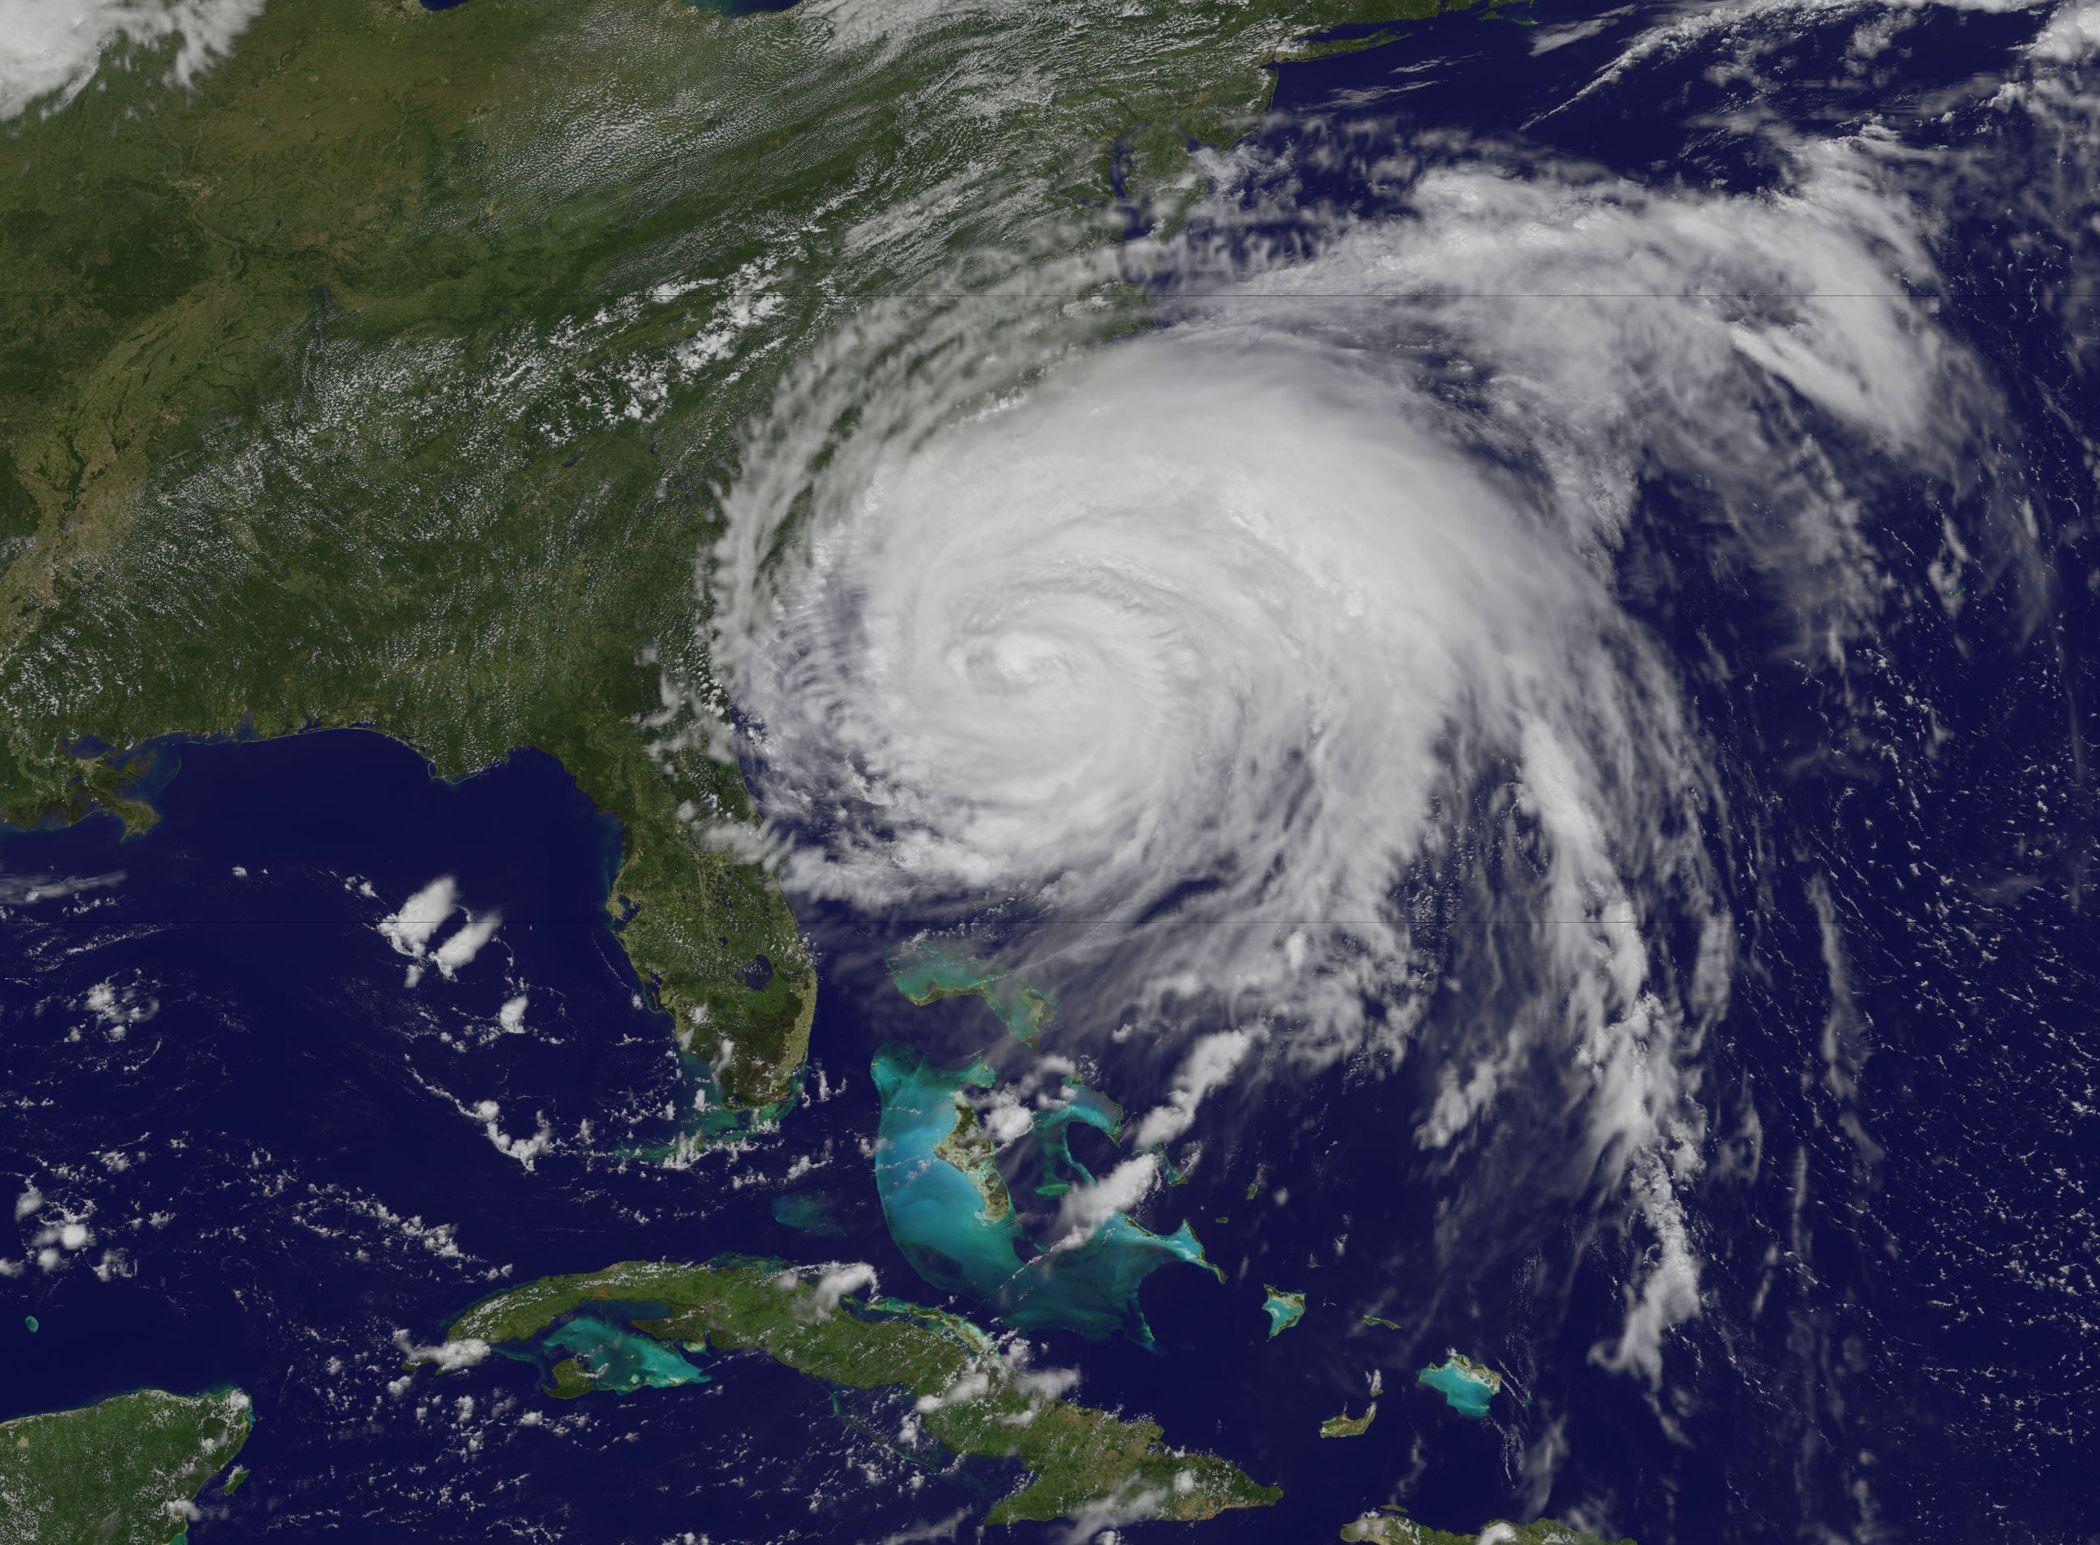 Hurricane Irene Va Photos Google Images Hurricane Irene Powerful Images Nature